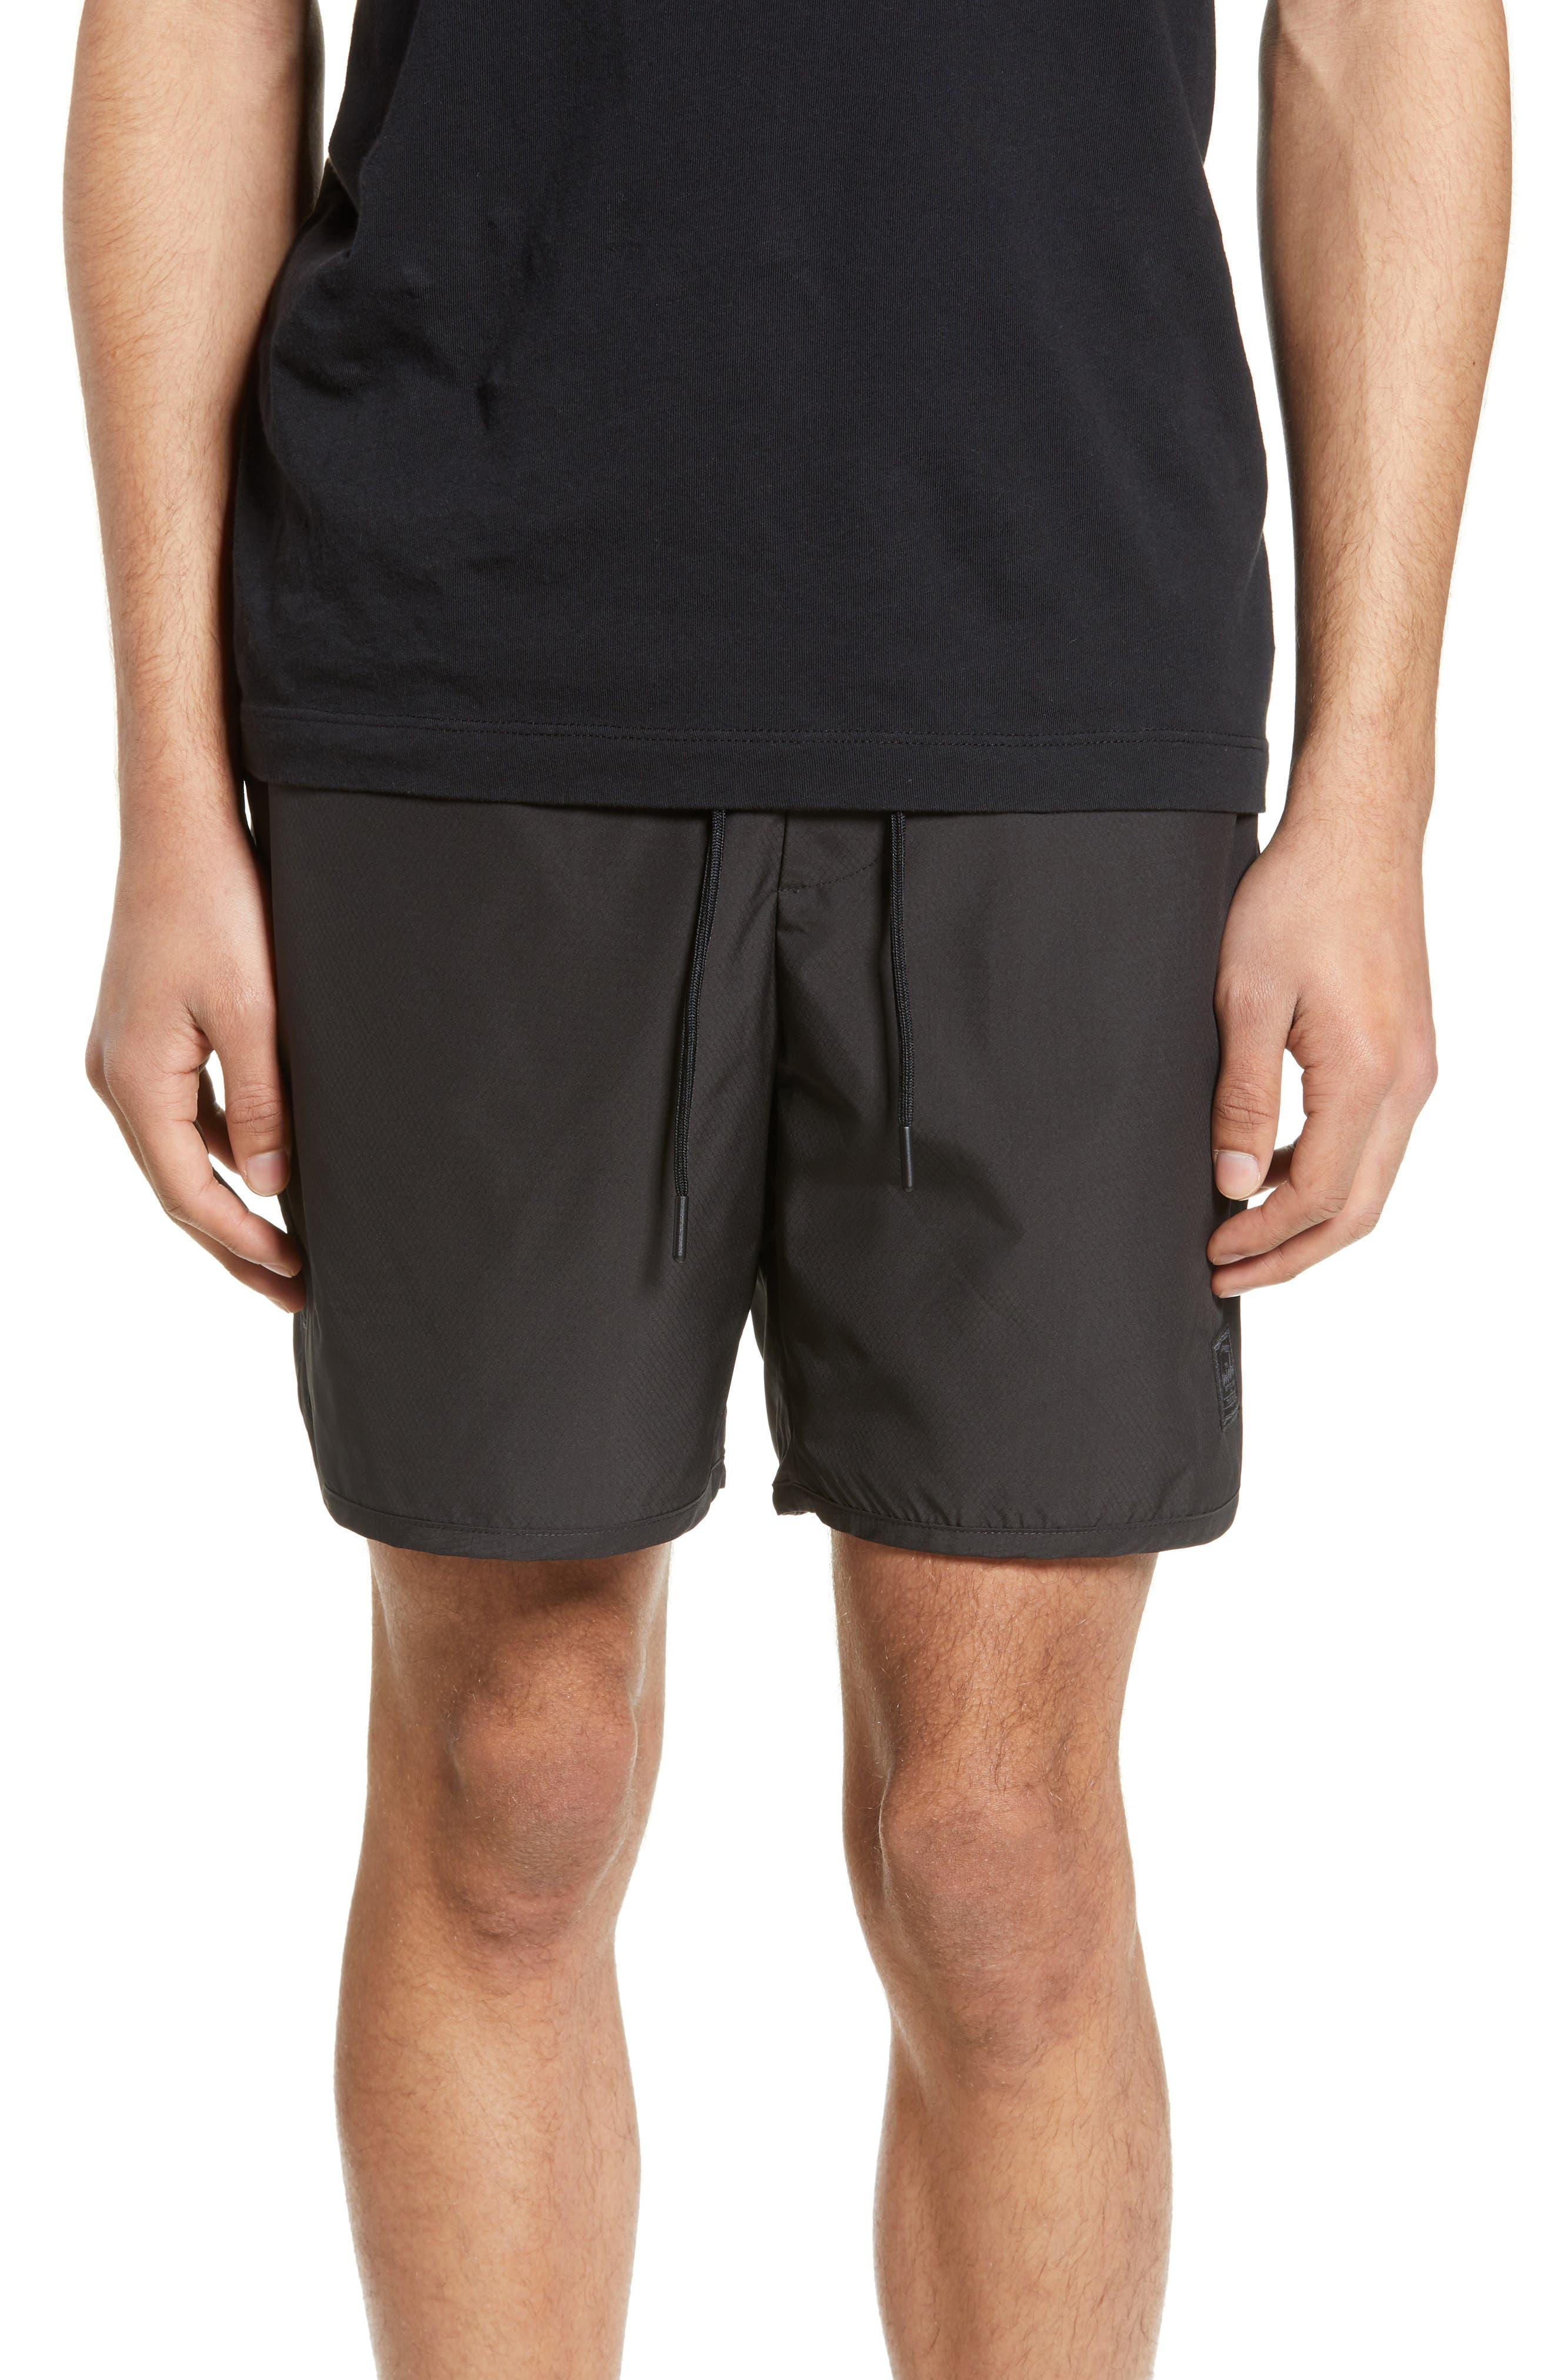 Herschel Supply Co. Voyage Alta Shorts, Black